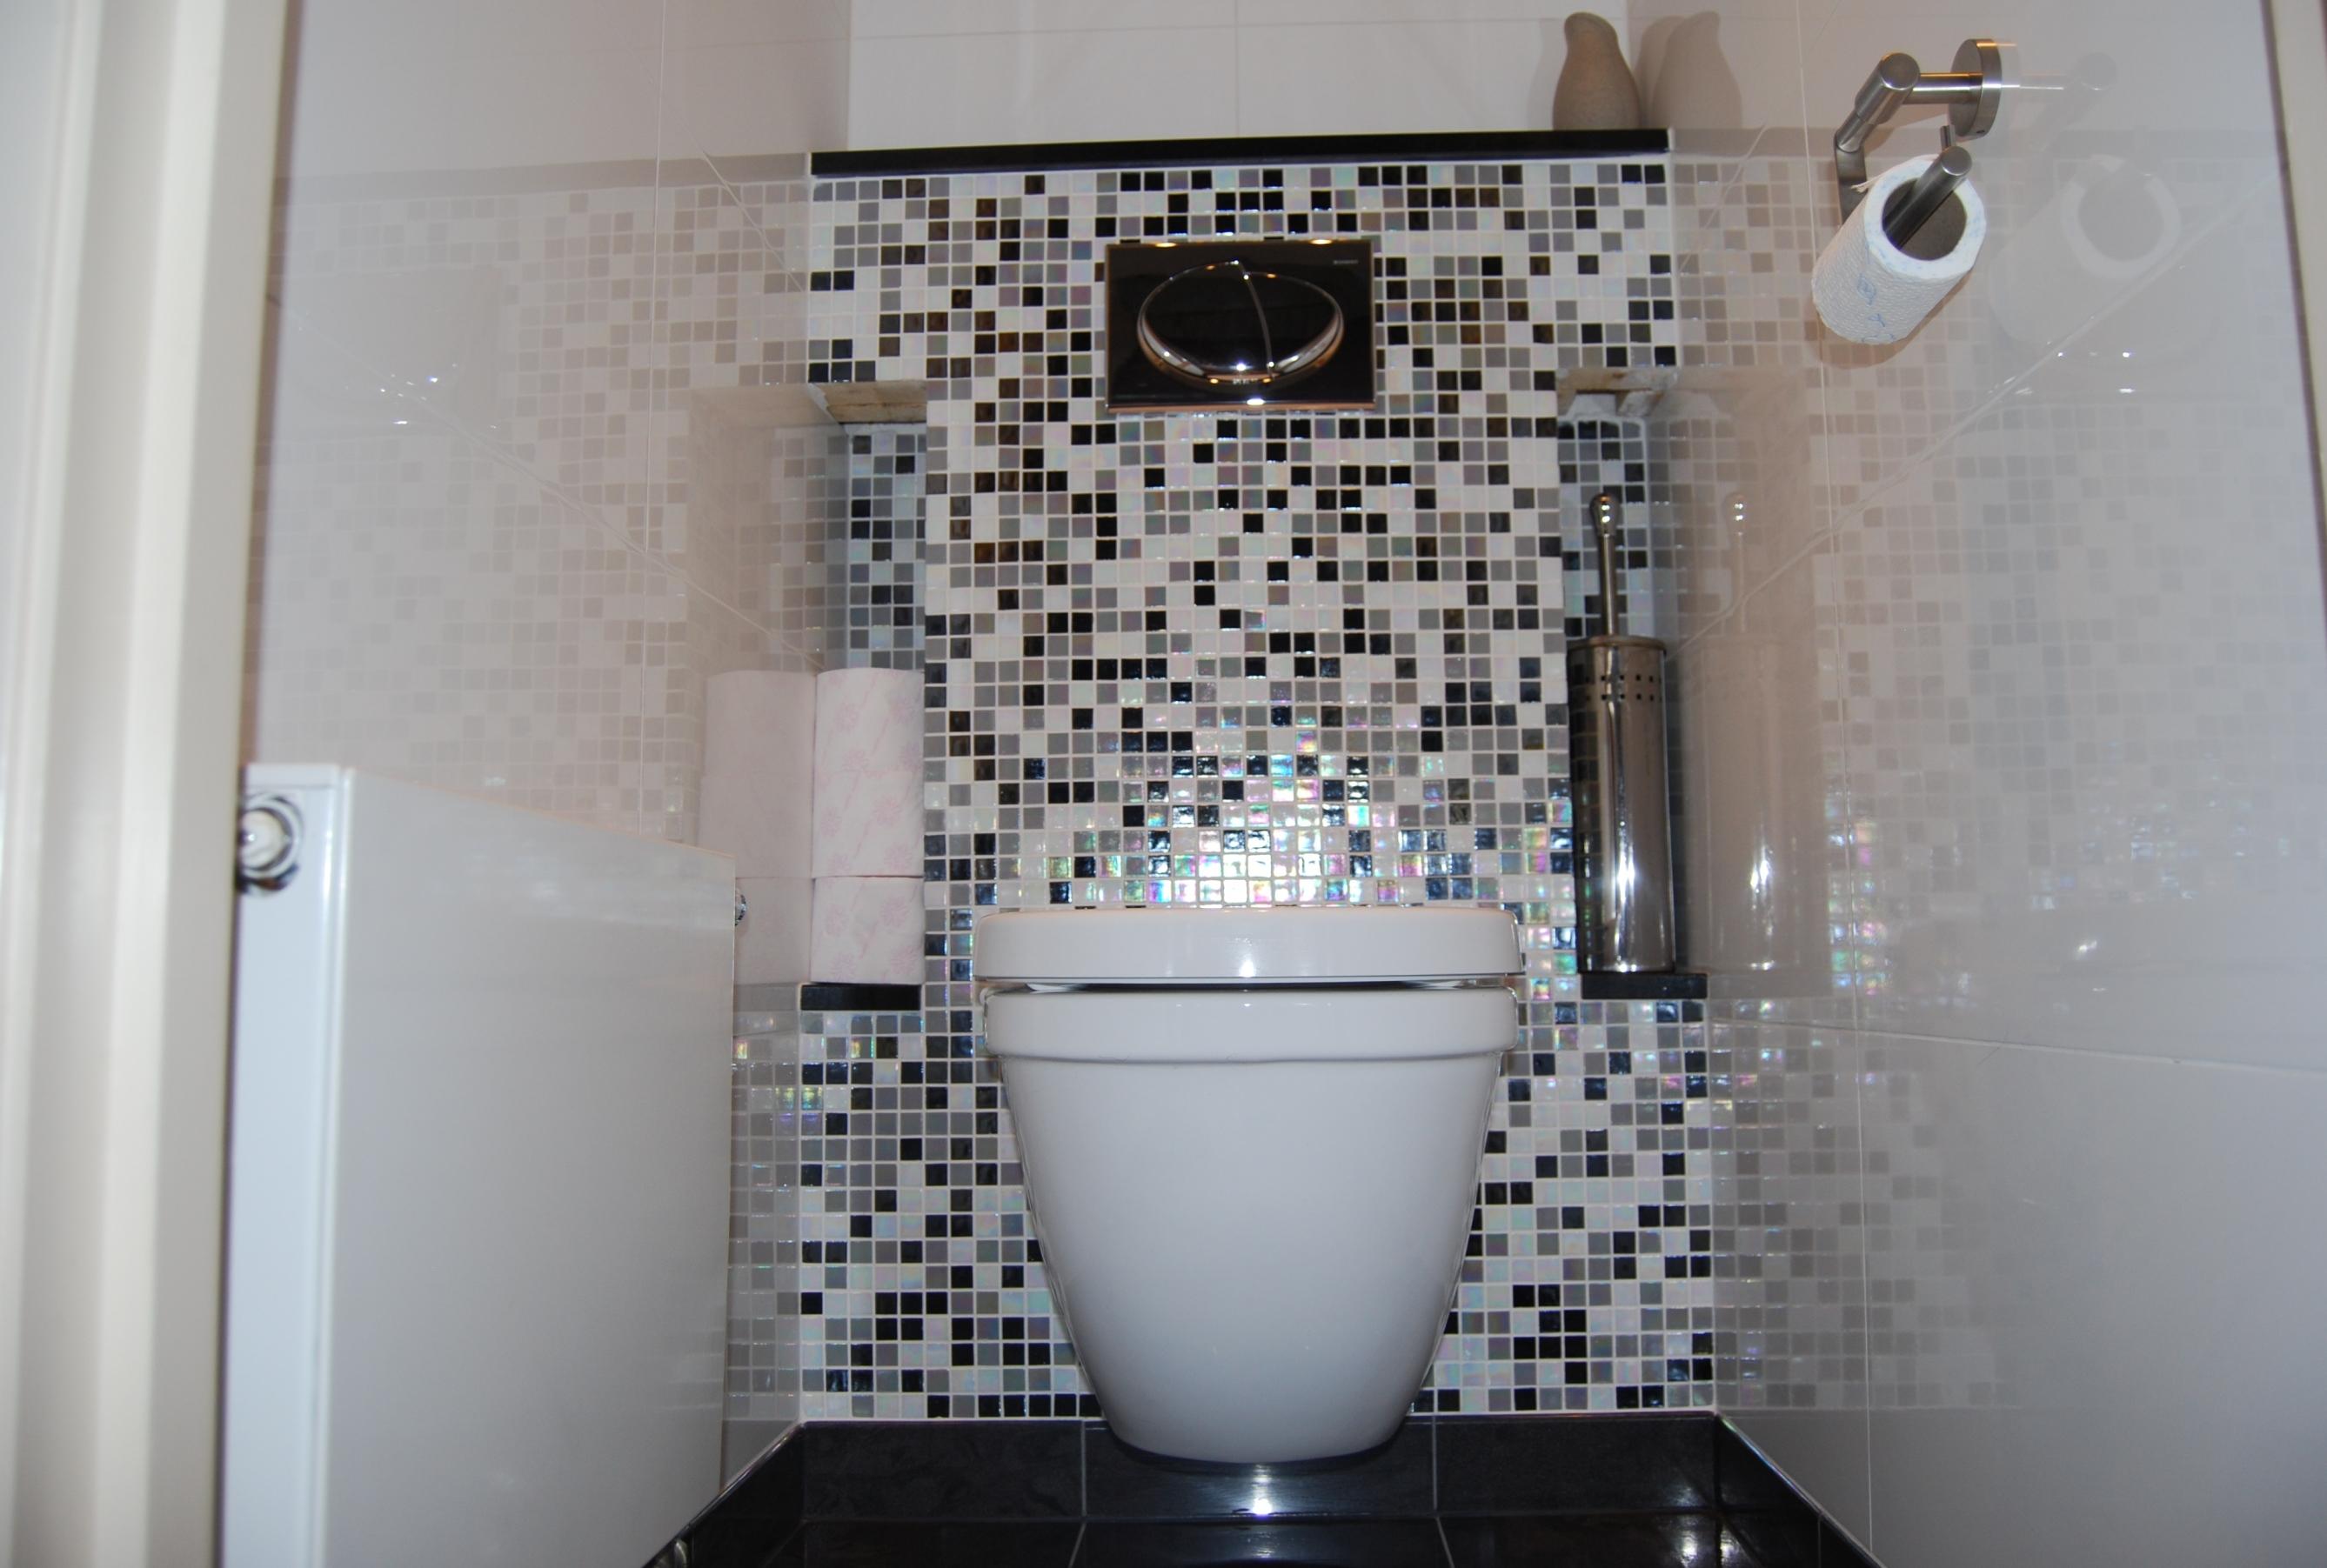 Badkamer toilet keuken verbouwen metsel en tegelbedr m lankreijer - Tegel model voor wc ...